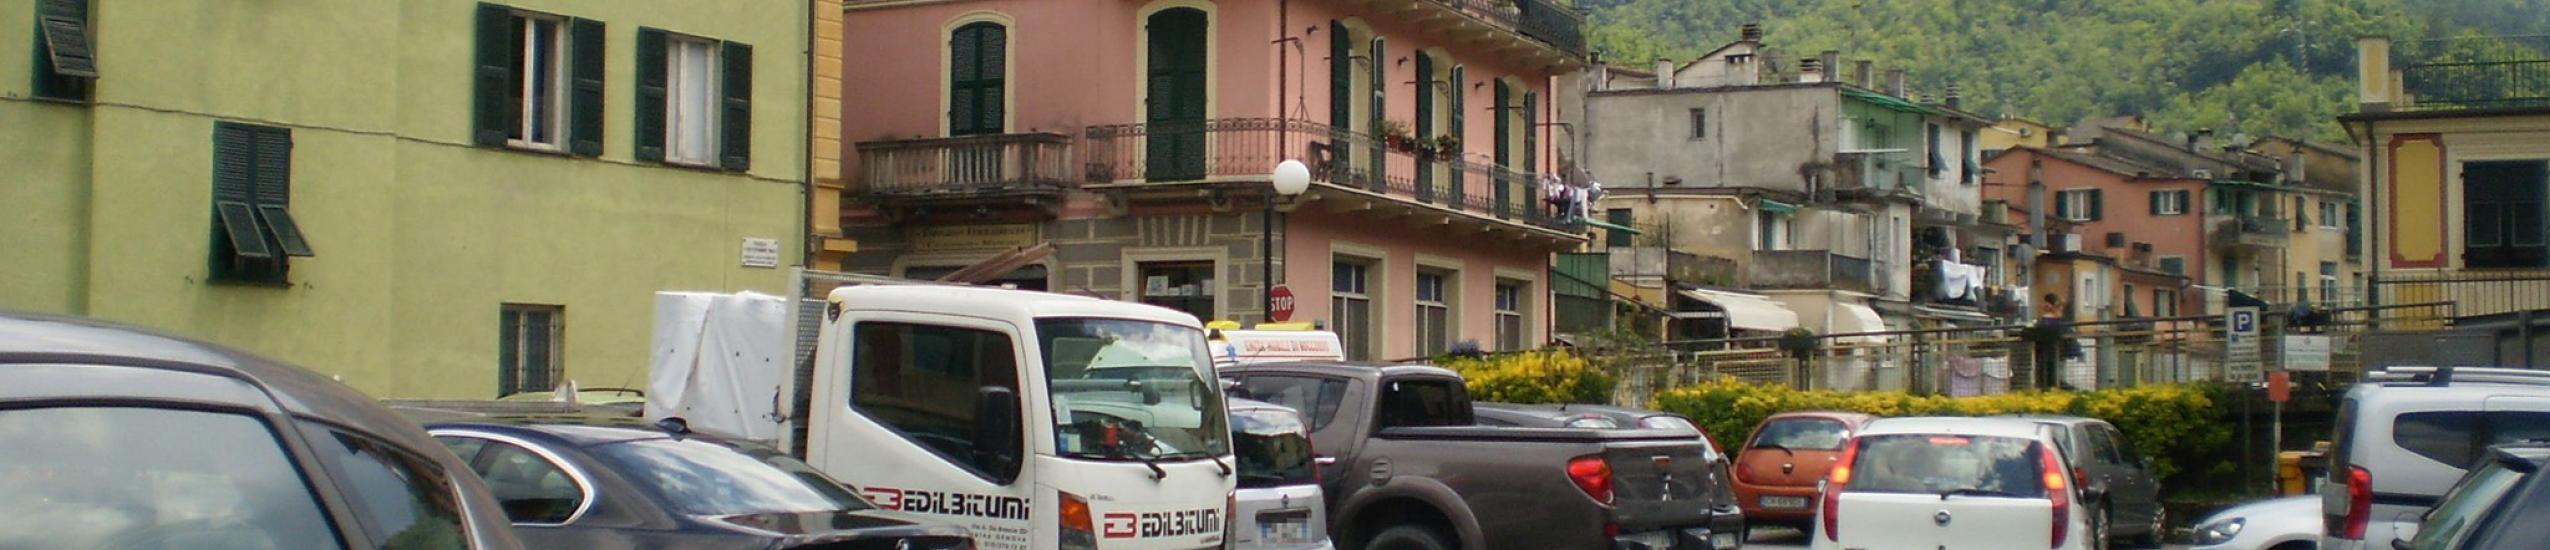 Parcheggio Piazza Marconi